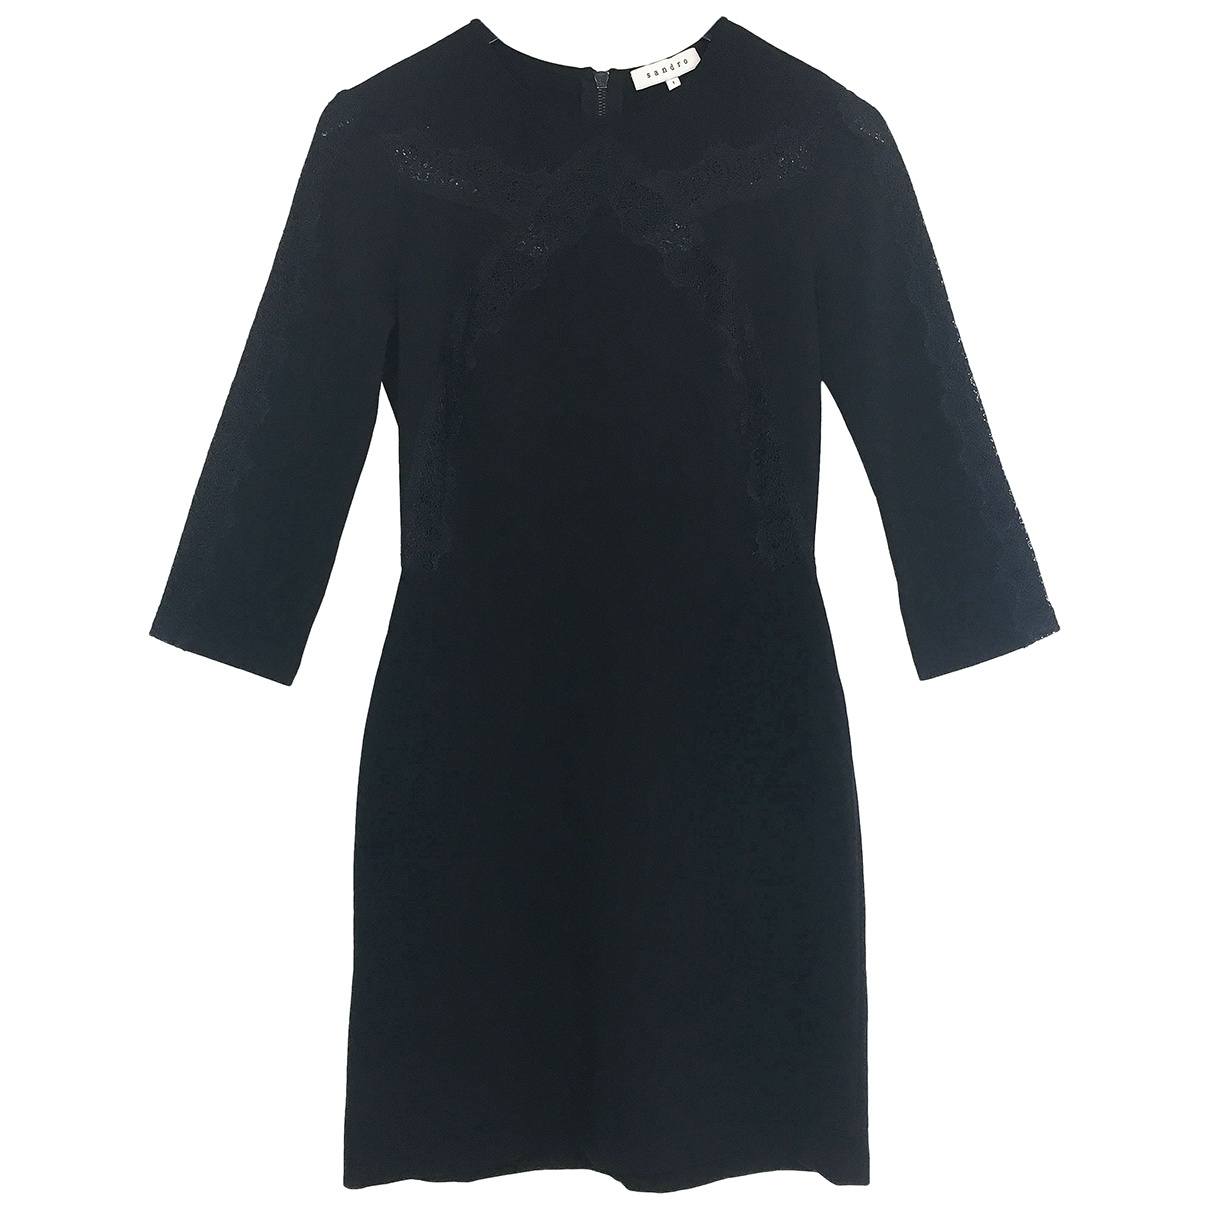 Sandro \N Black dress for Women 1 0-5